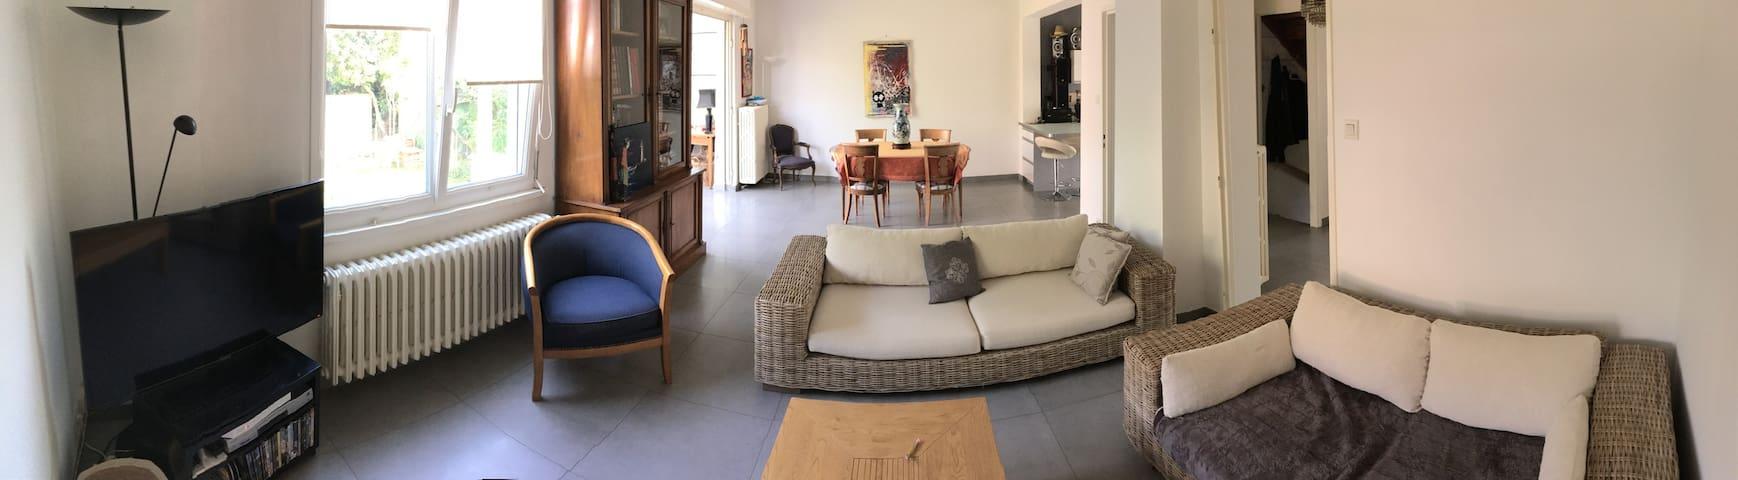 La maison du bonheur 2